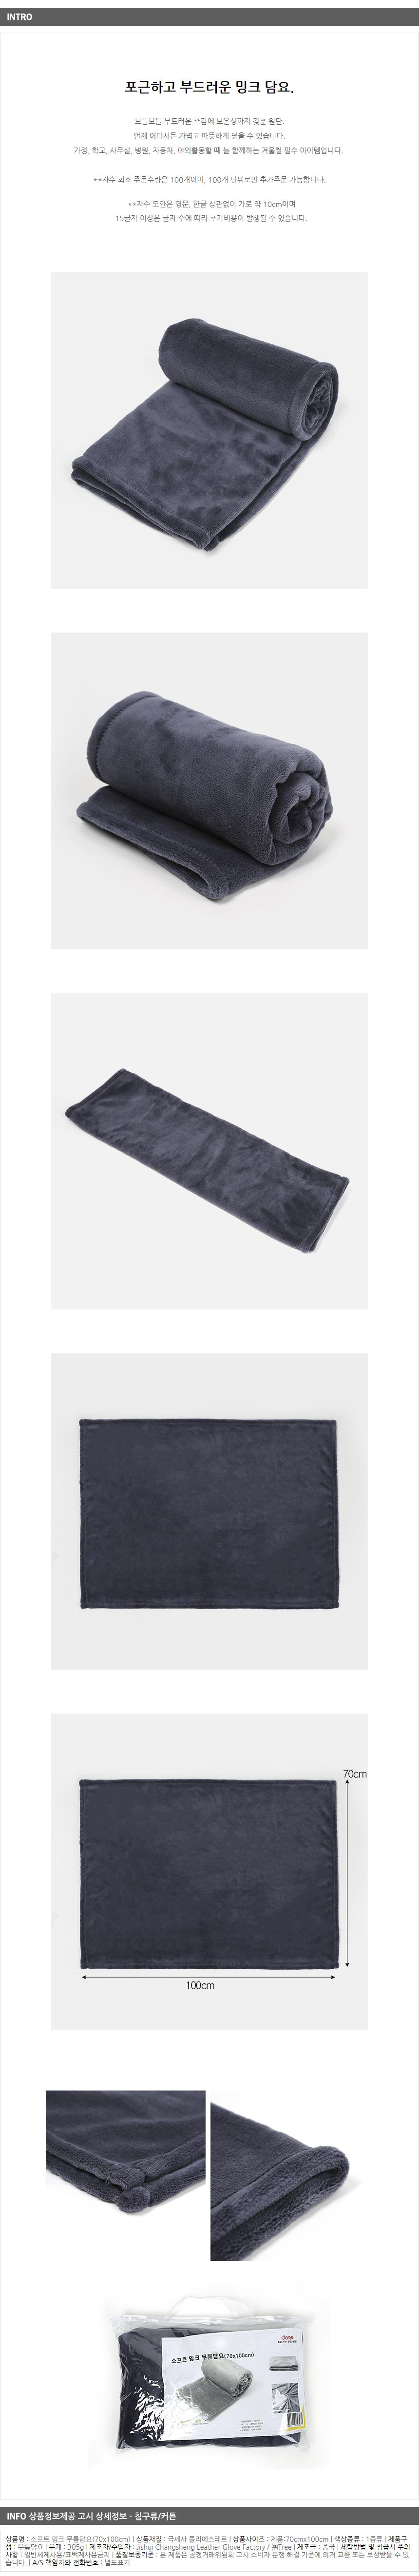 소프트 밍크 무릎담요/ 겨울 극세사담요 - 기프트갓, 9,090원, 담요/블랑켓, 무지/솔리드